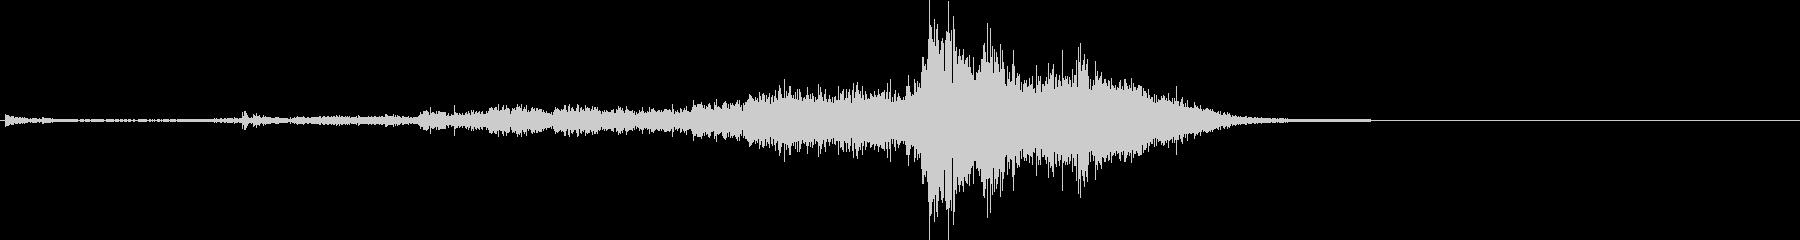 シャキーン(刀やソードの音)の未再生の波形